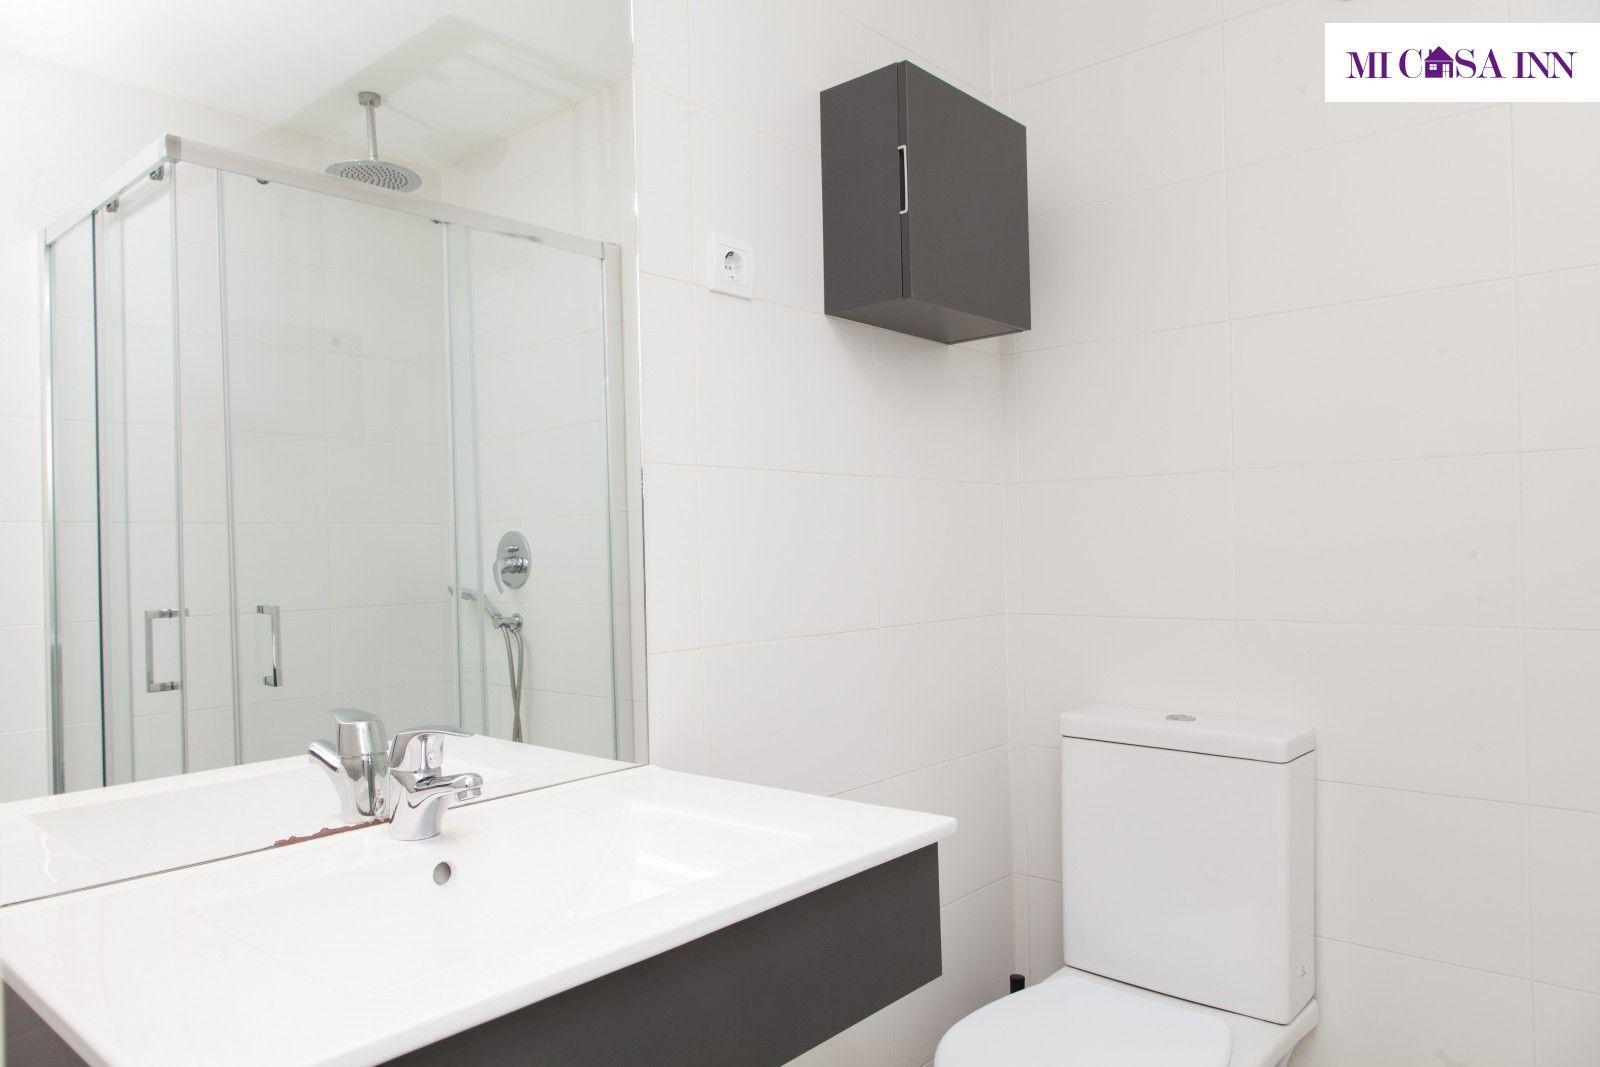 Residencia de estudiantes con baño propio en barrio Salamanca